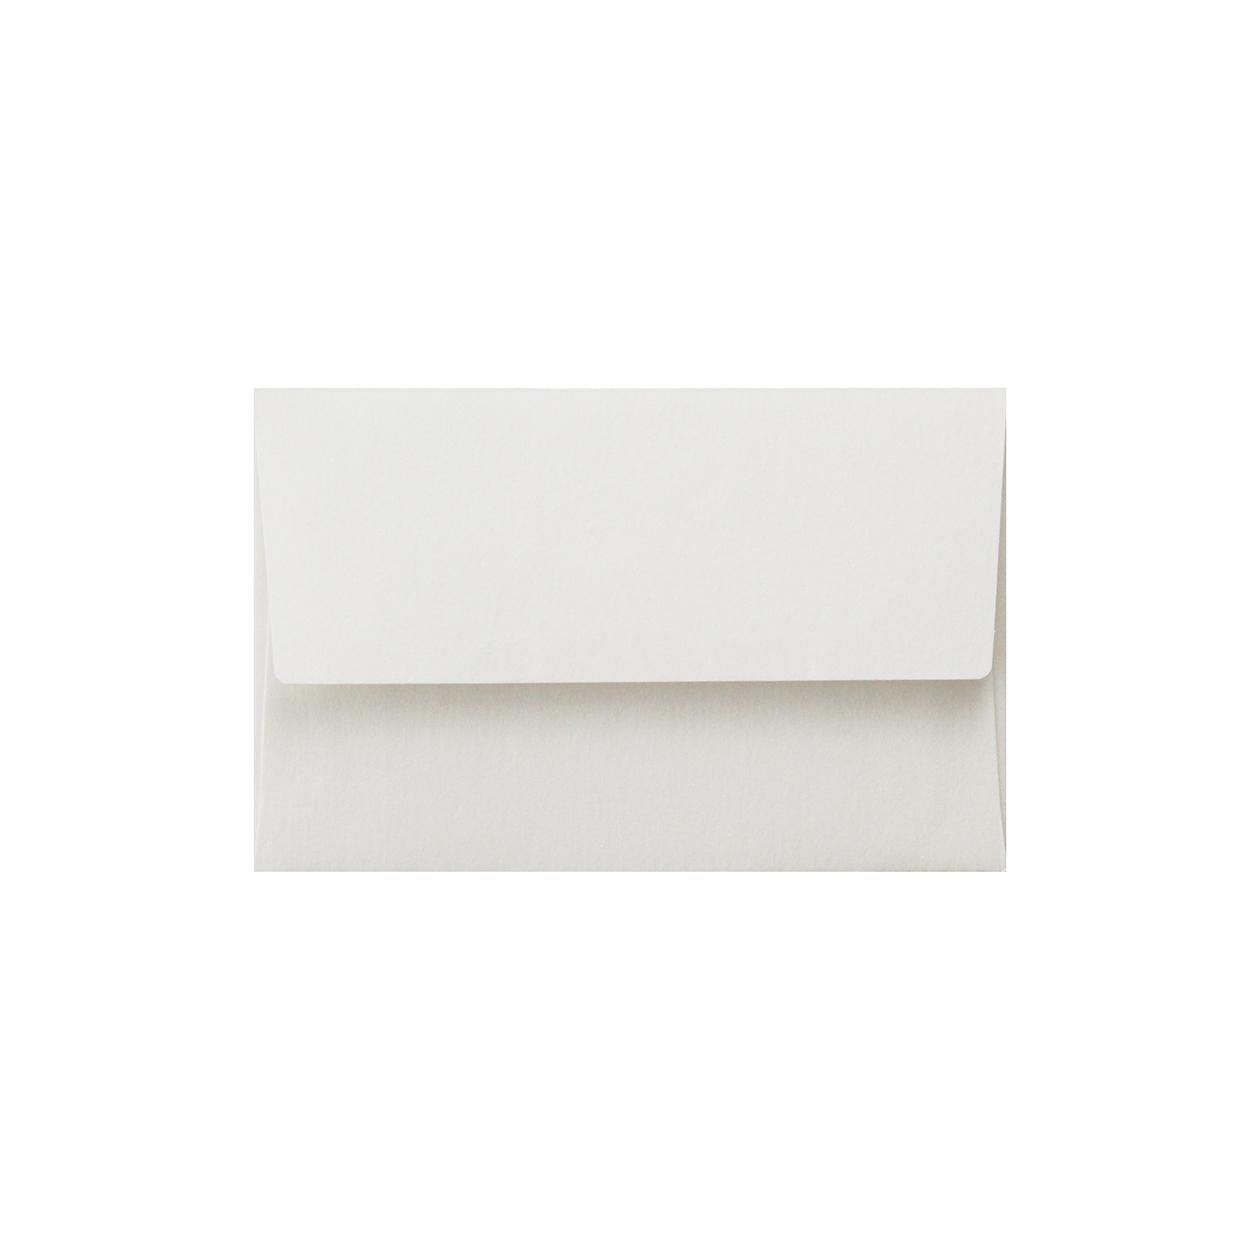 サンプル 封筒・袋 00116